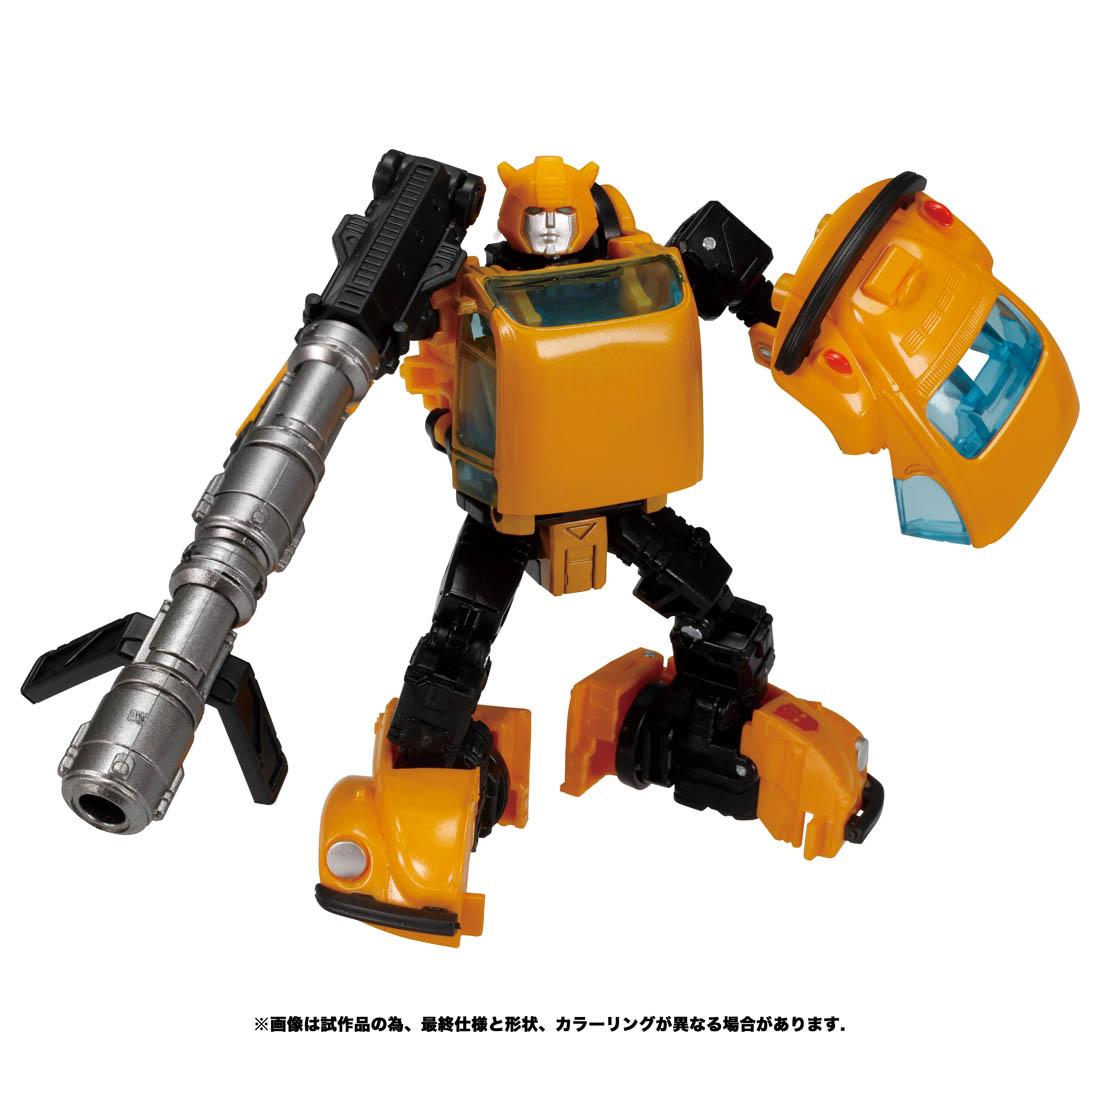 トランスフォーマー ウォーフォーサイバトロン『WFC-09 バンブルビー』可変可動フィギュア-001